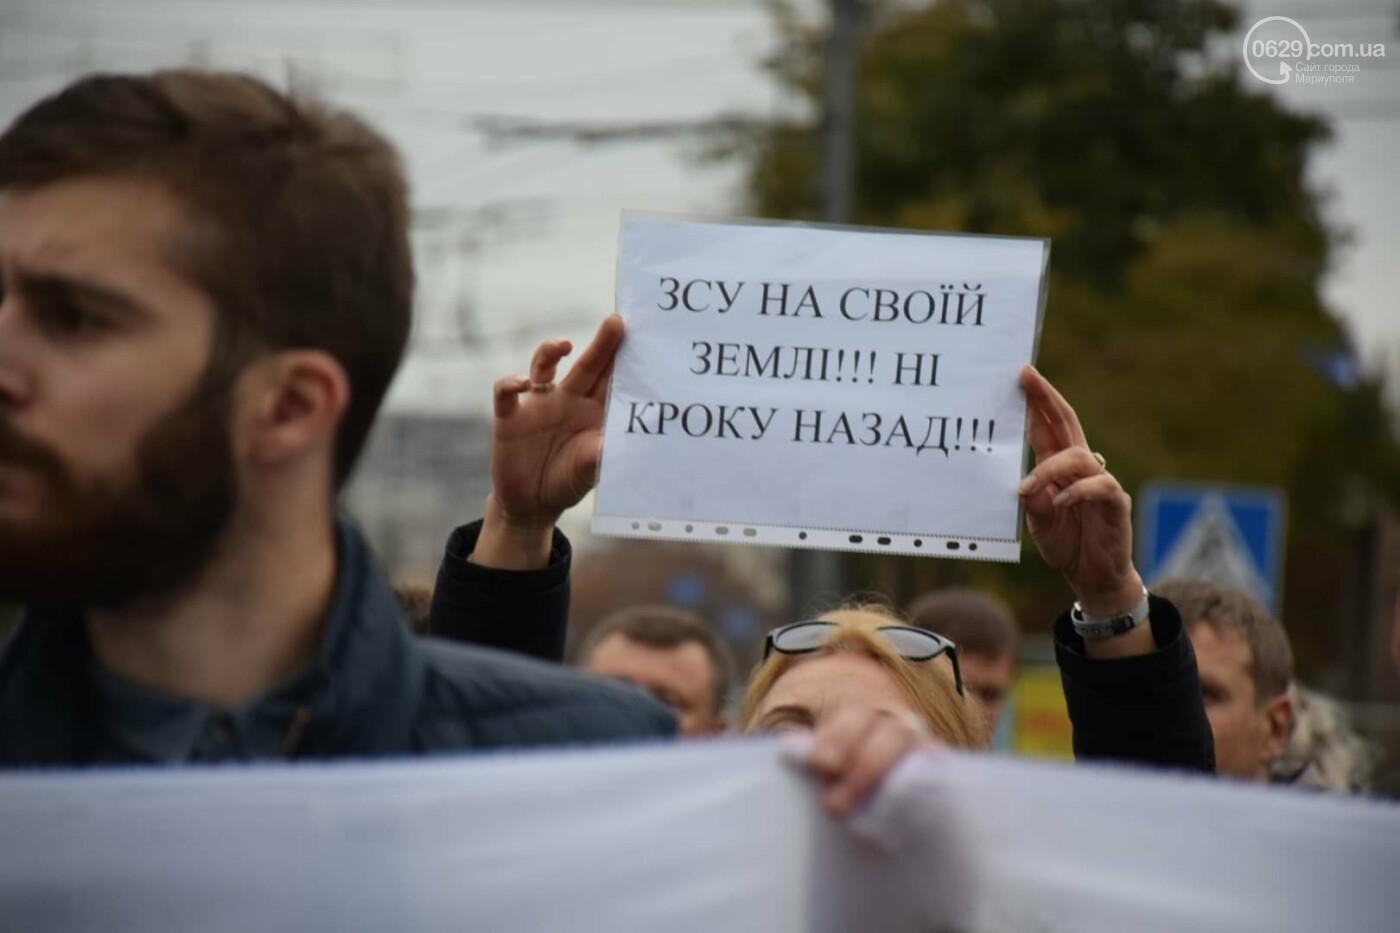 #НiКапітуляції. В Мариуполе прошел митинг против формулы Штайнмайера, - ФОТОРЕПОРТАЖ, фото-10